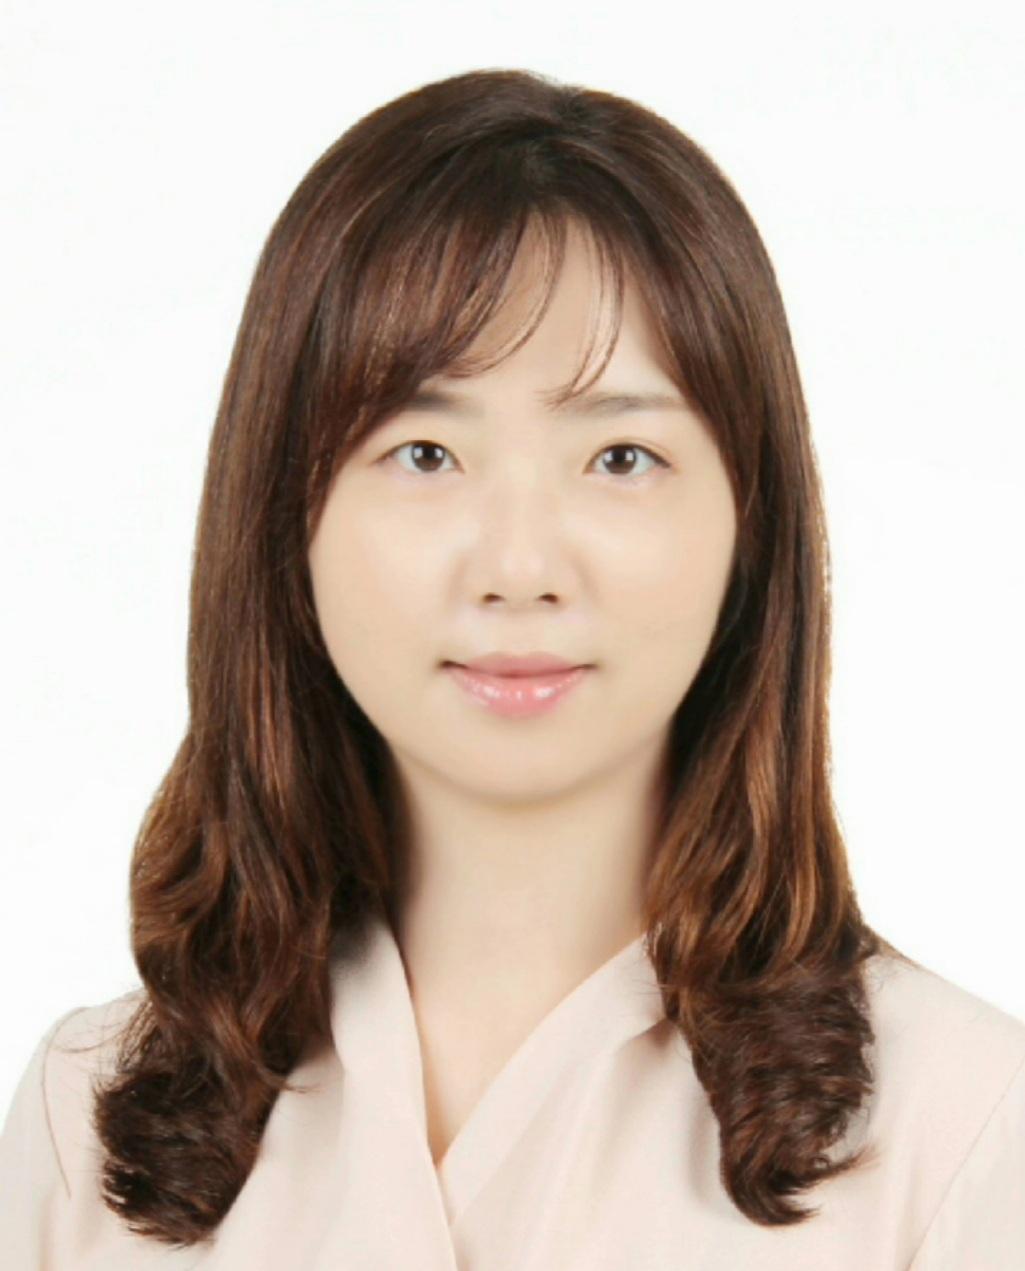 박상희 사진